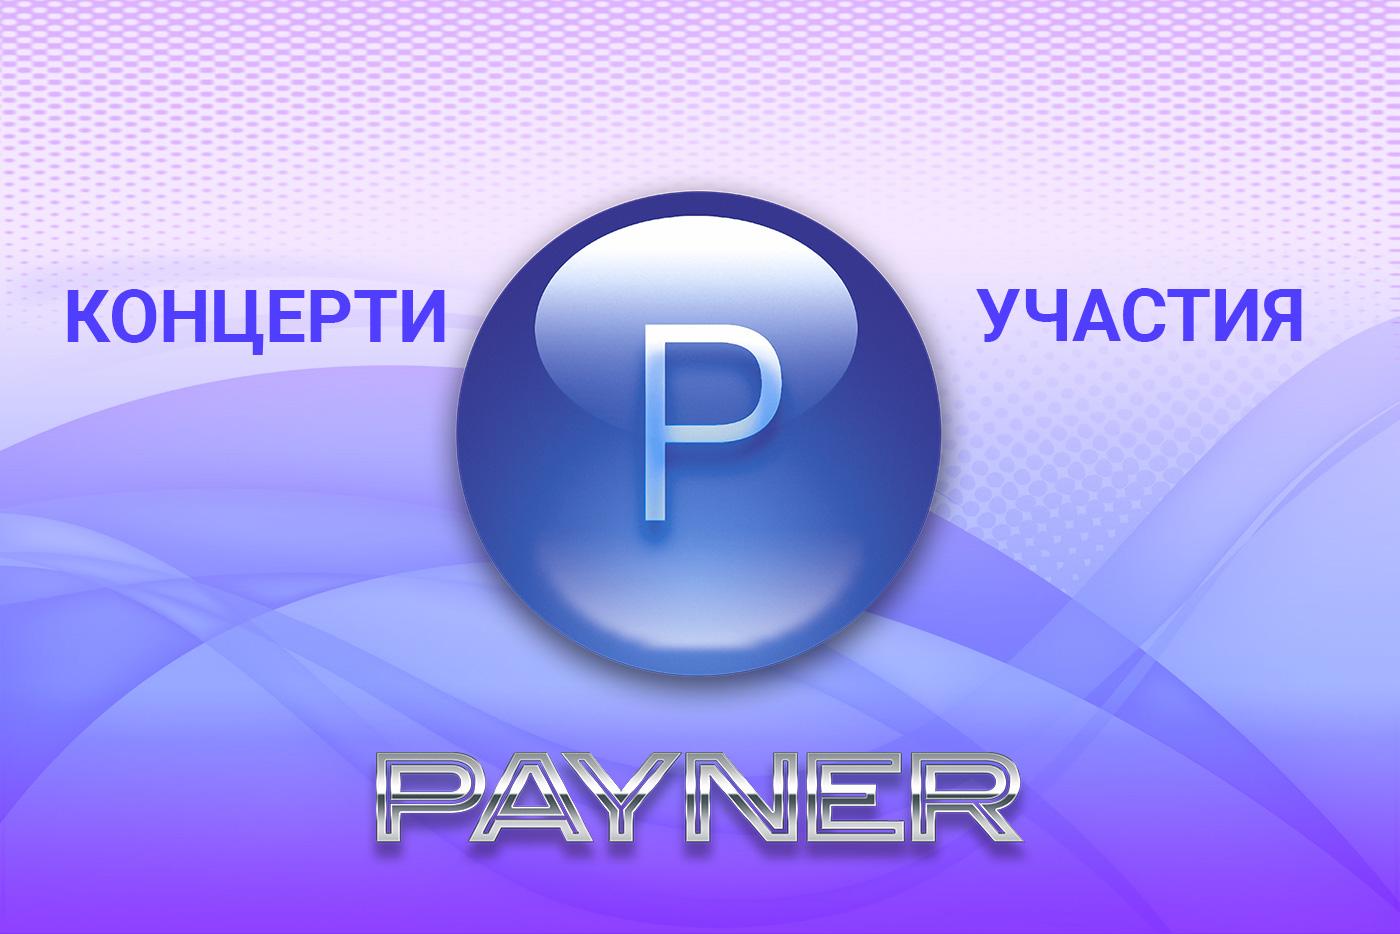 """Участия на звездите на """"Пайнер"""" на 26.06.2019"""